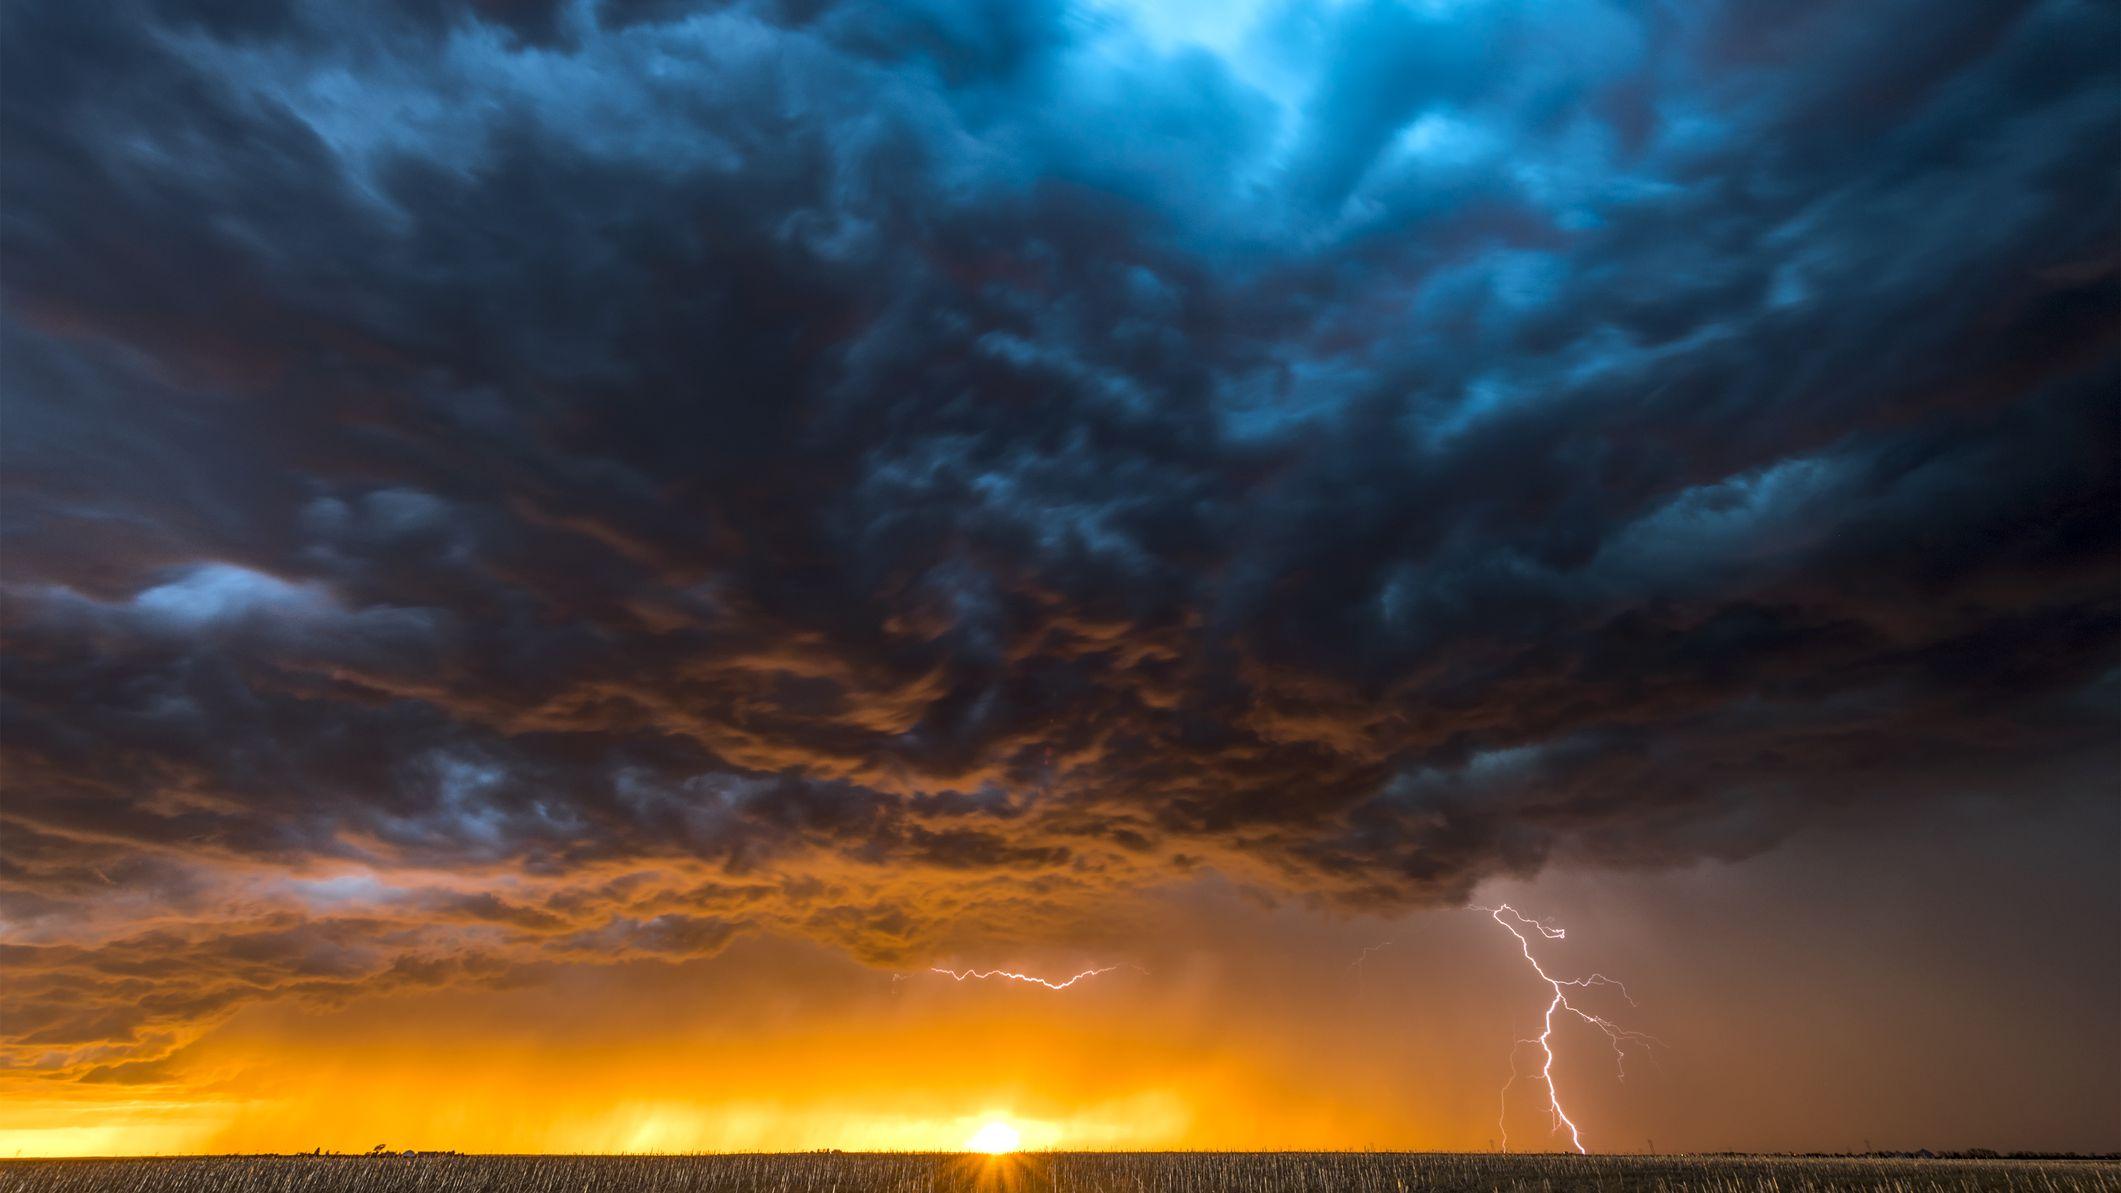 Hình ảnh đám mây khi trời bão